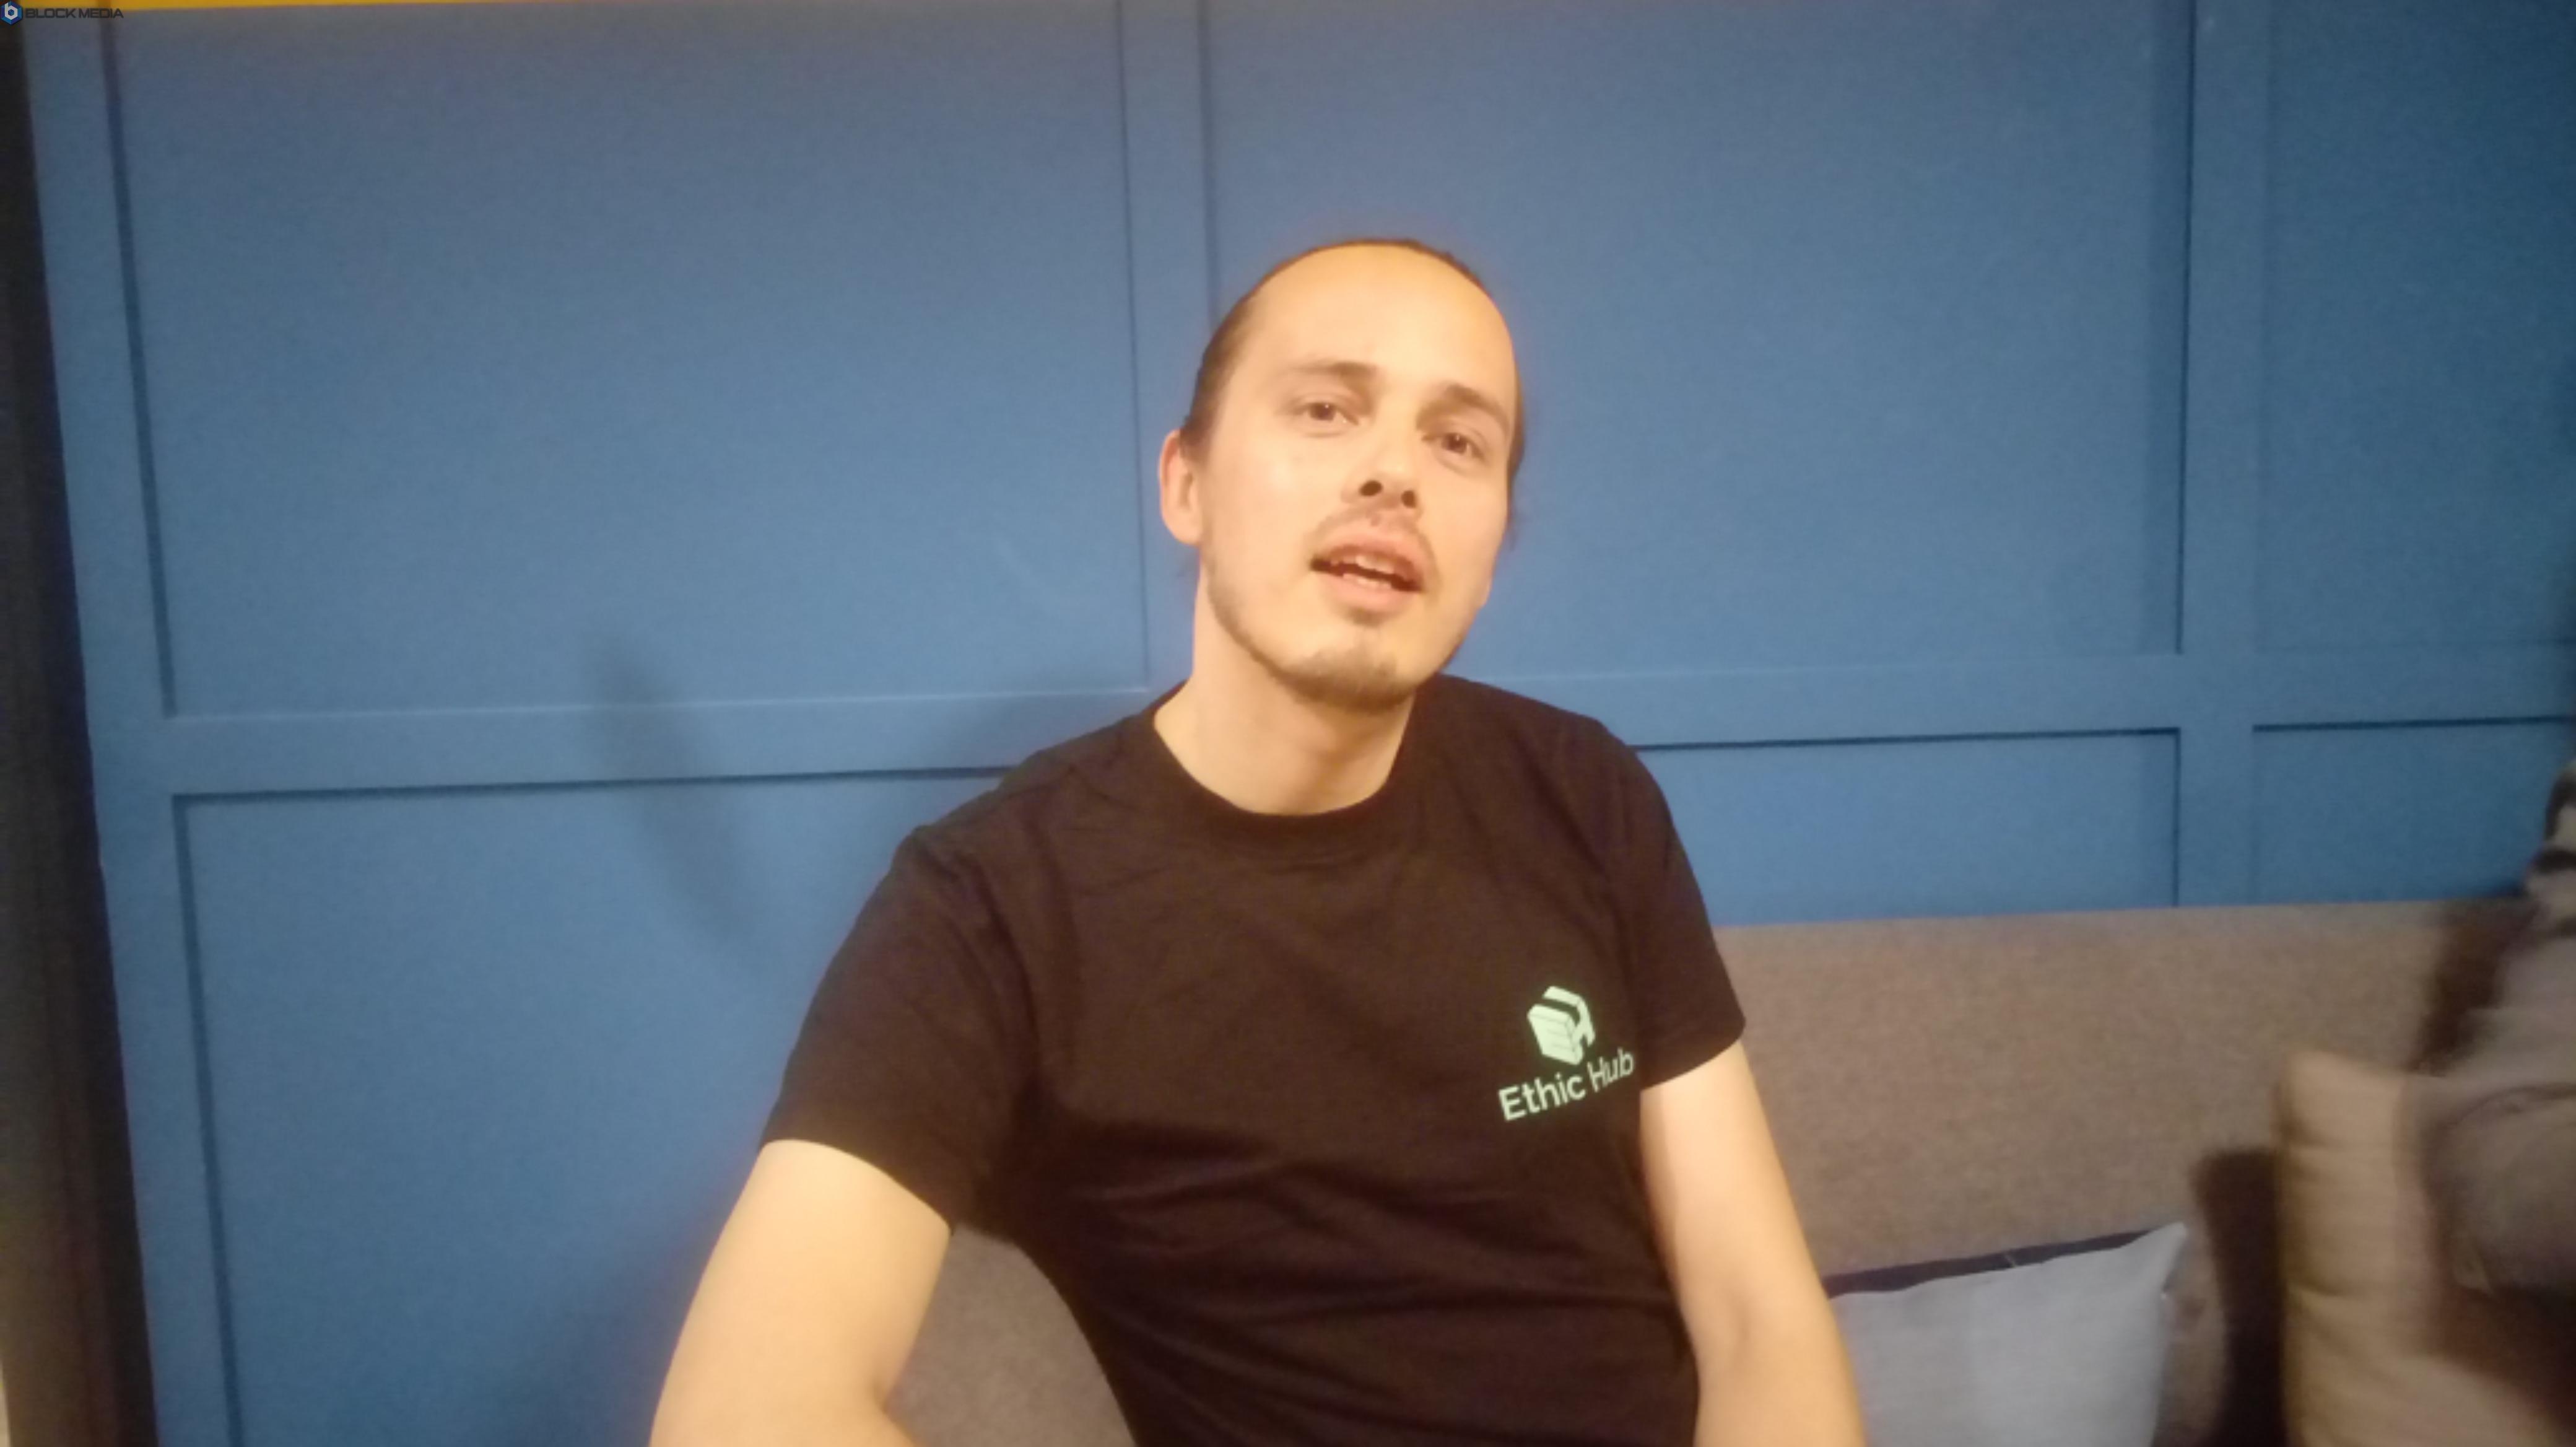 ▲에씩허브(EthicHub) CEO인 사렛이 블록미디어와 인터뷰를 진행하고 있다.